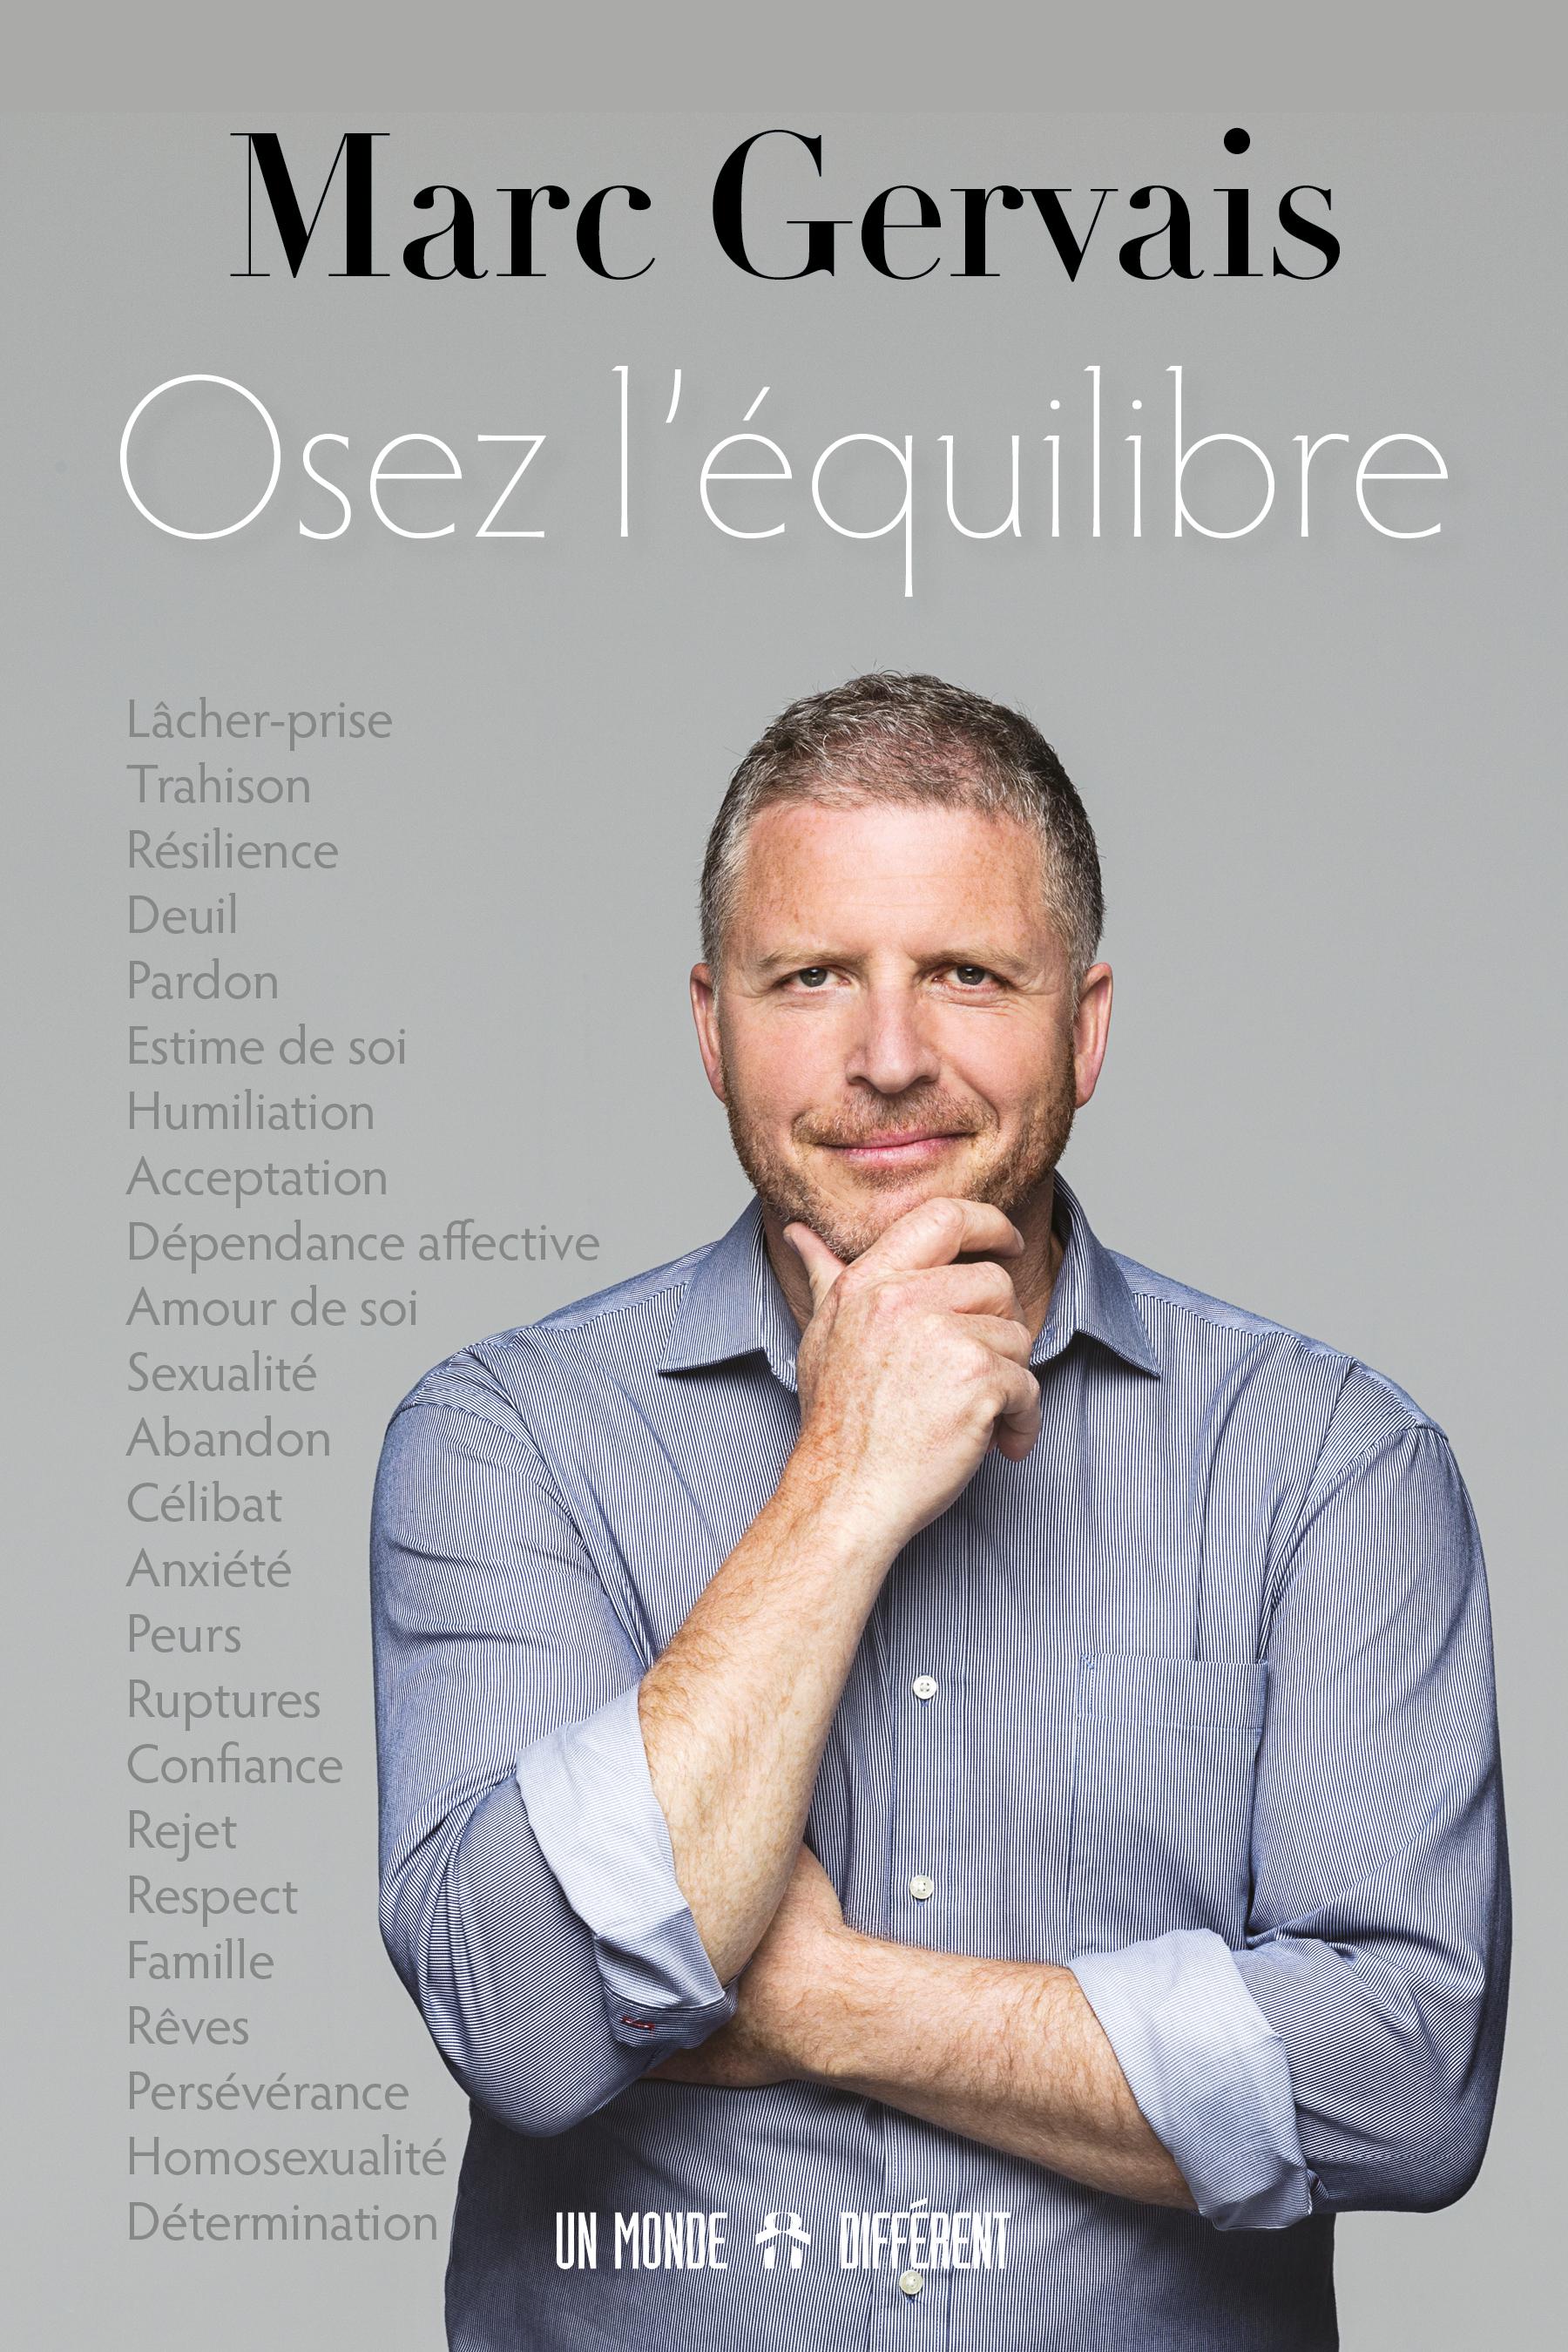 OSEZ L'ÉQUILIBRE